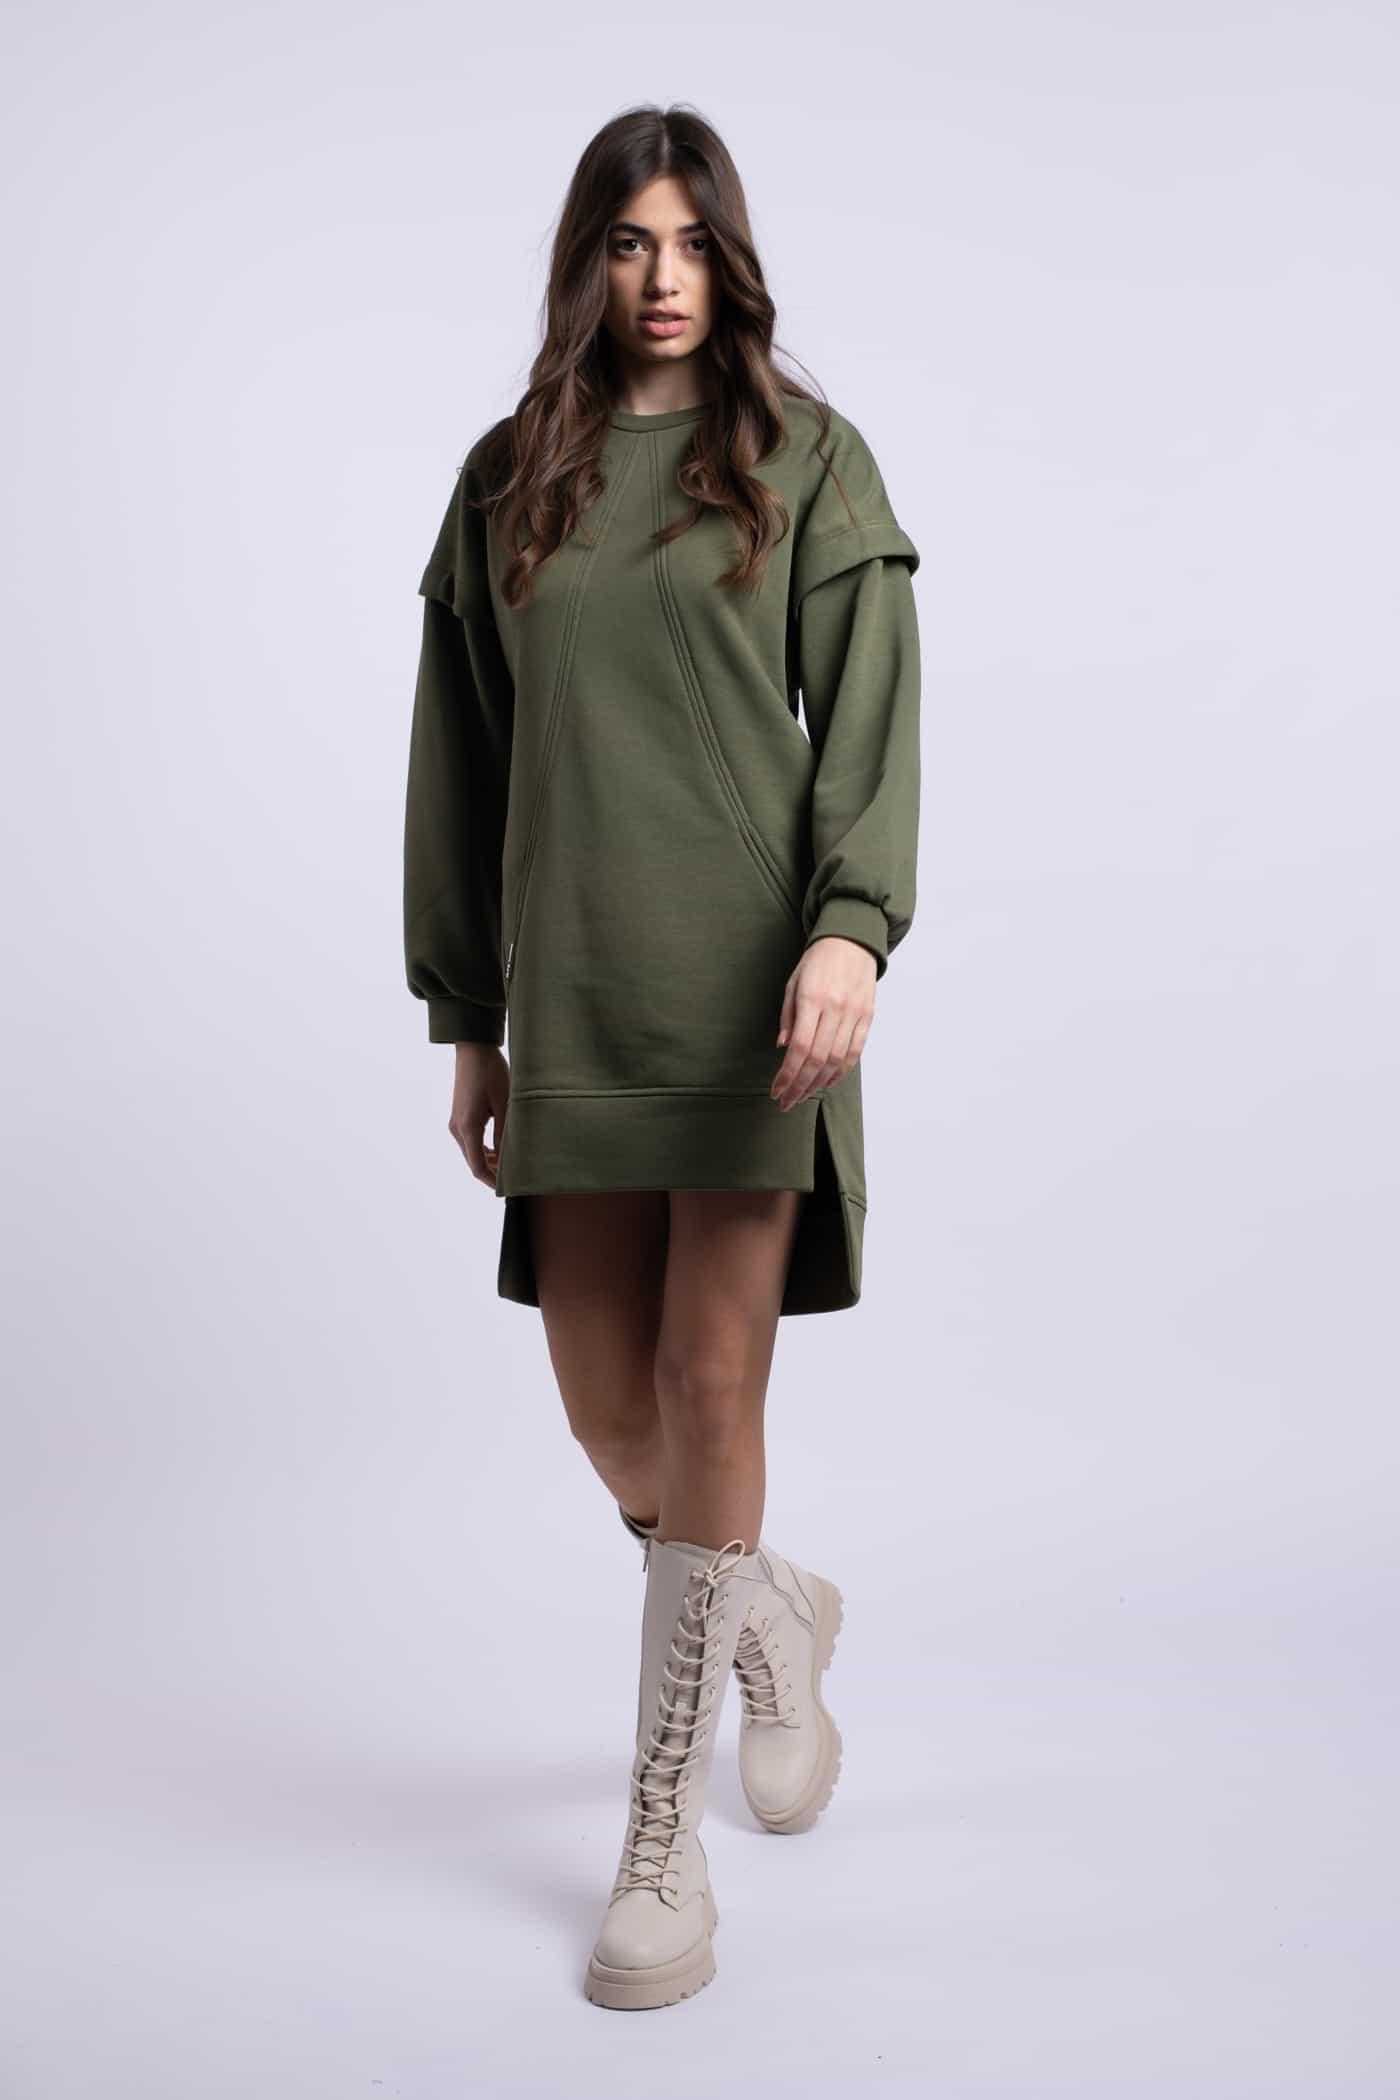 rochie verde ladonna